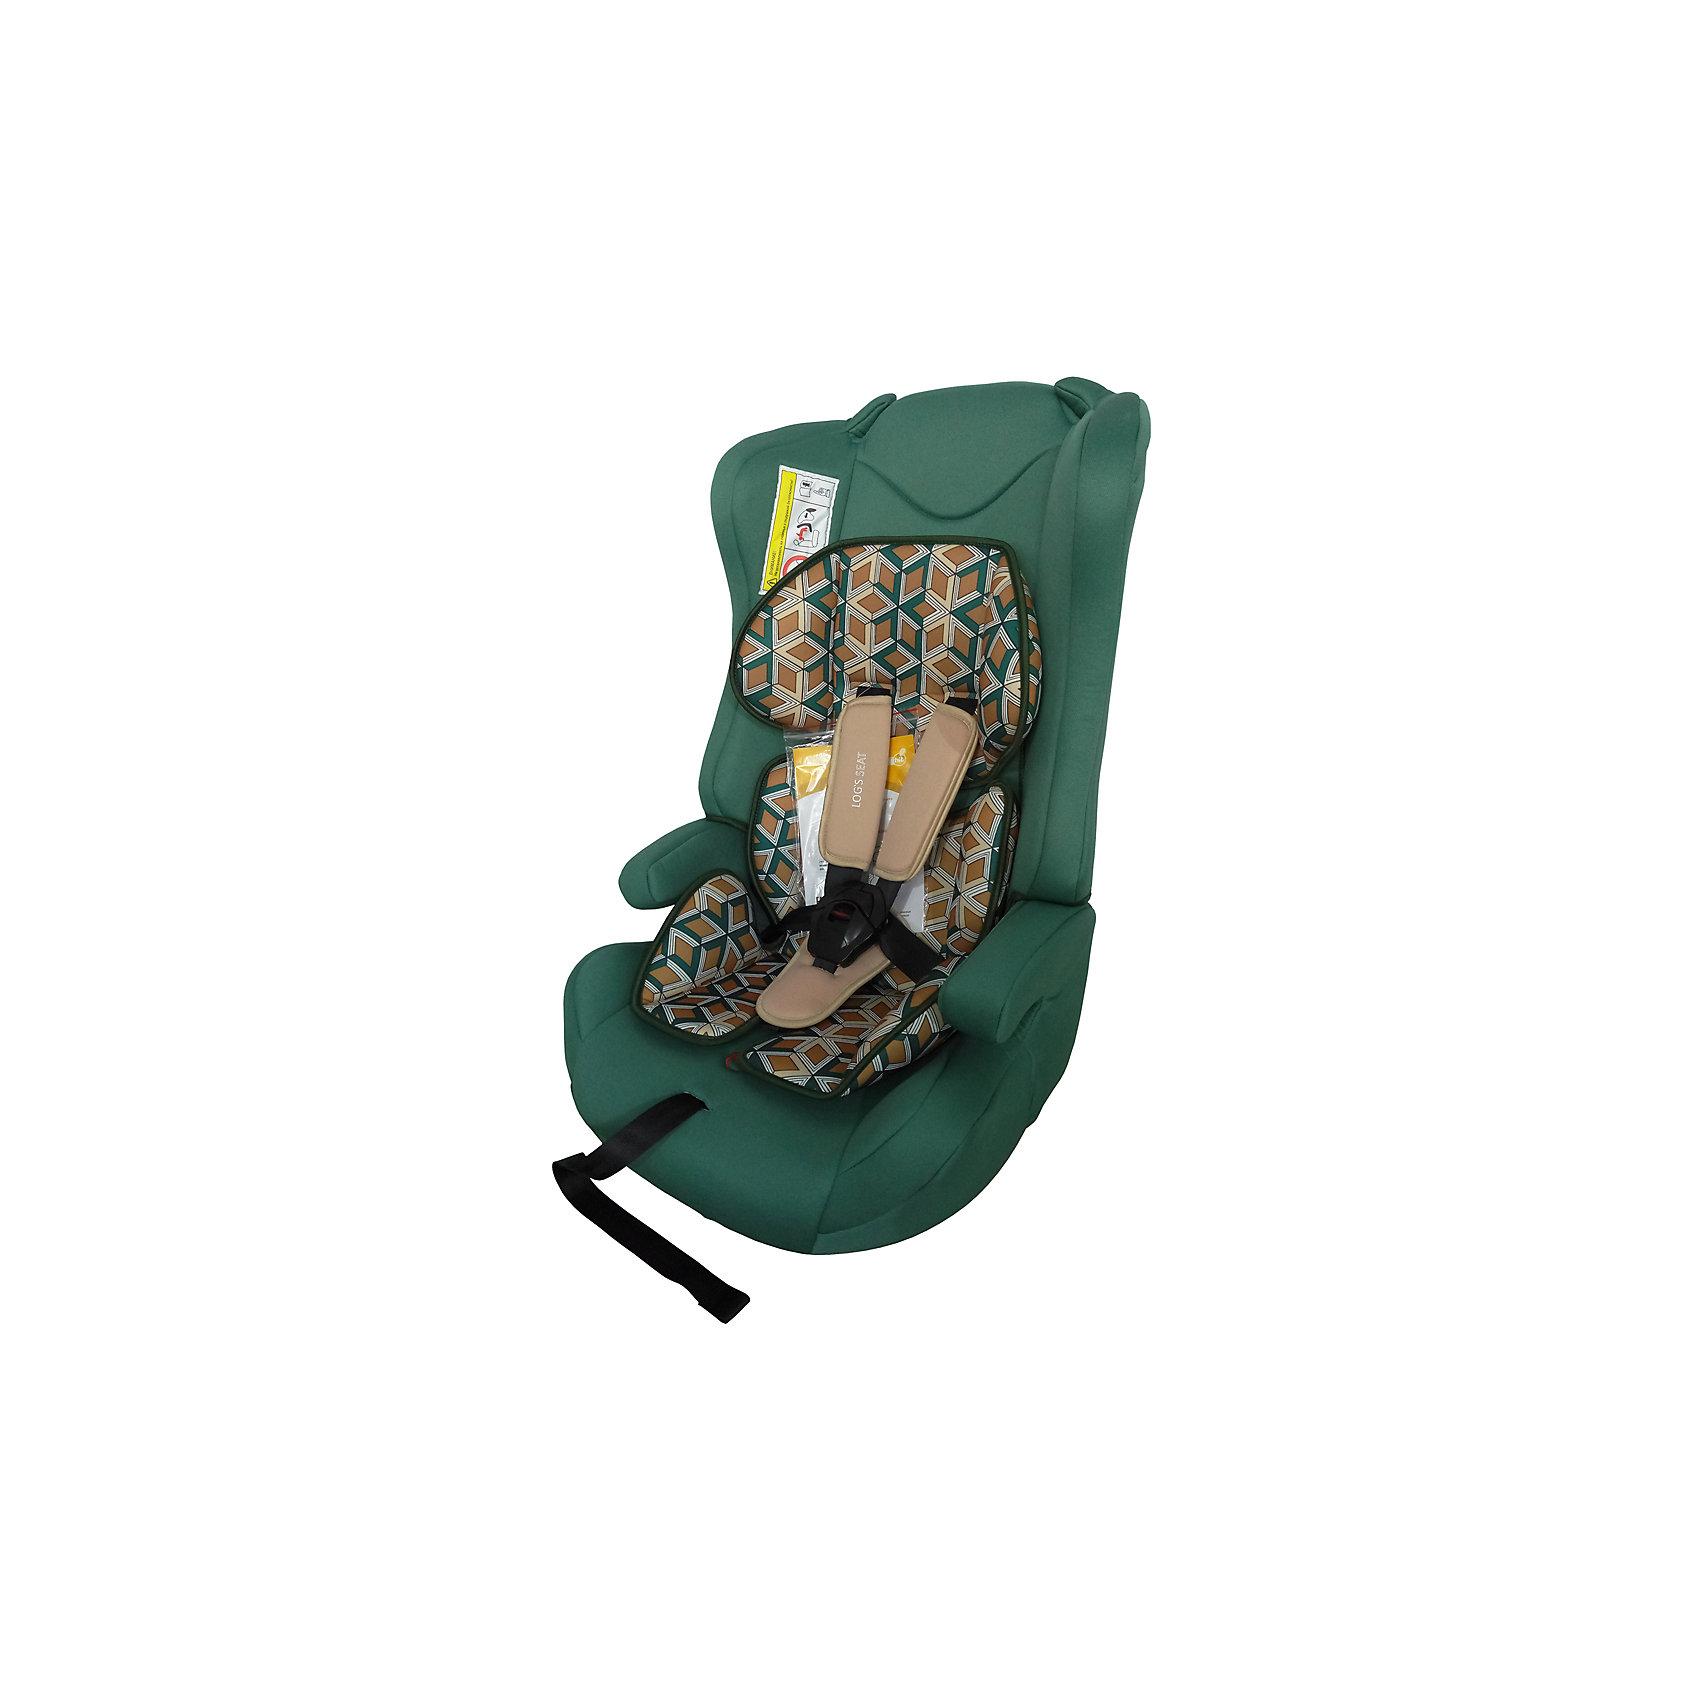 Автокресло LOGS SEAT 9-36 кг., Babyhit, темно-зелёныйАвтокресло Logs Seat  (группа 1/2/3)  - отличный вариант для малыша и практичный – для родителей. Его легко чистить благодаря съемному чехлу, а устанавливать кресло в машине очень просто. Пятиточечные ремни безопасности аккуратно, но надежно удерживают ребенка. Немаловажно, что кресло в автомобиле можно использовать как бустер, чтобы оно было более комфортным для подросшего малыша. Кресло оснащено системой защиты при боковом столкновении, так же есть защитные стенки для головы. Предназначено для детей от 9 до 25 кг, без спинки- для детей от 15 до 36 кг.,удобная спинка,  5-ти точечные ремни безопасности с удерживающей системой, препятствующей их соскальзывание с плеч ребёнка, имеются подлокотники, съемный чехол, устанавливается по ходу движения автомобиля,соответствует Евростандарту безопасности ЕСЕ44/3, габариты автокресла 400х 380 х 640 мм.<br><br>Ширина мм: 500<br>Глубина мм: 400<br>Высота мм: 780<br>Вес г: 6000<br>Возраст от месяцев: 6<br>Возраст до месяцев: 144<br>Пол: Унисекс<br>Возраст: Детский<br>SKU: 5500254